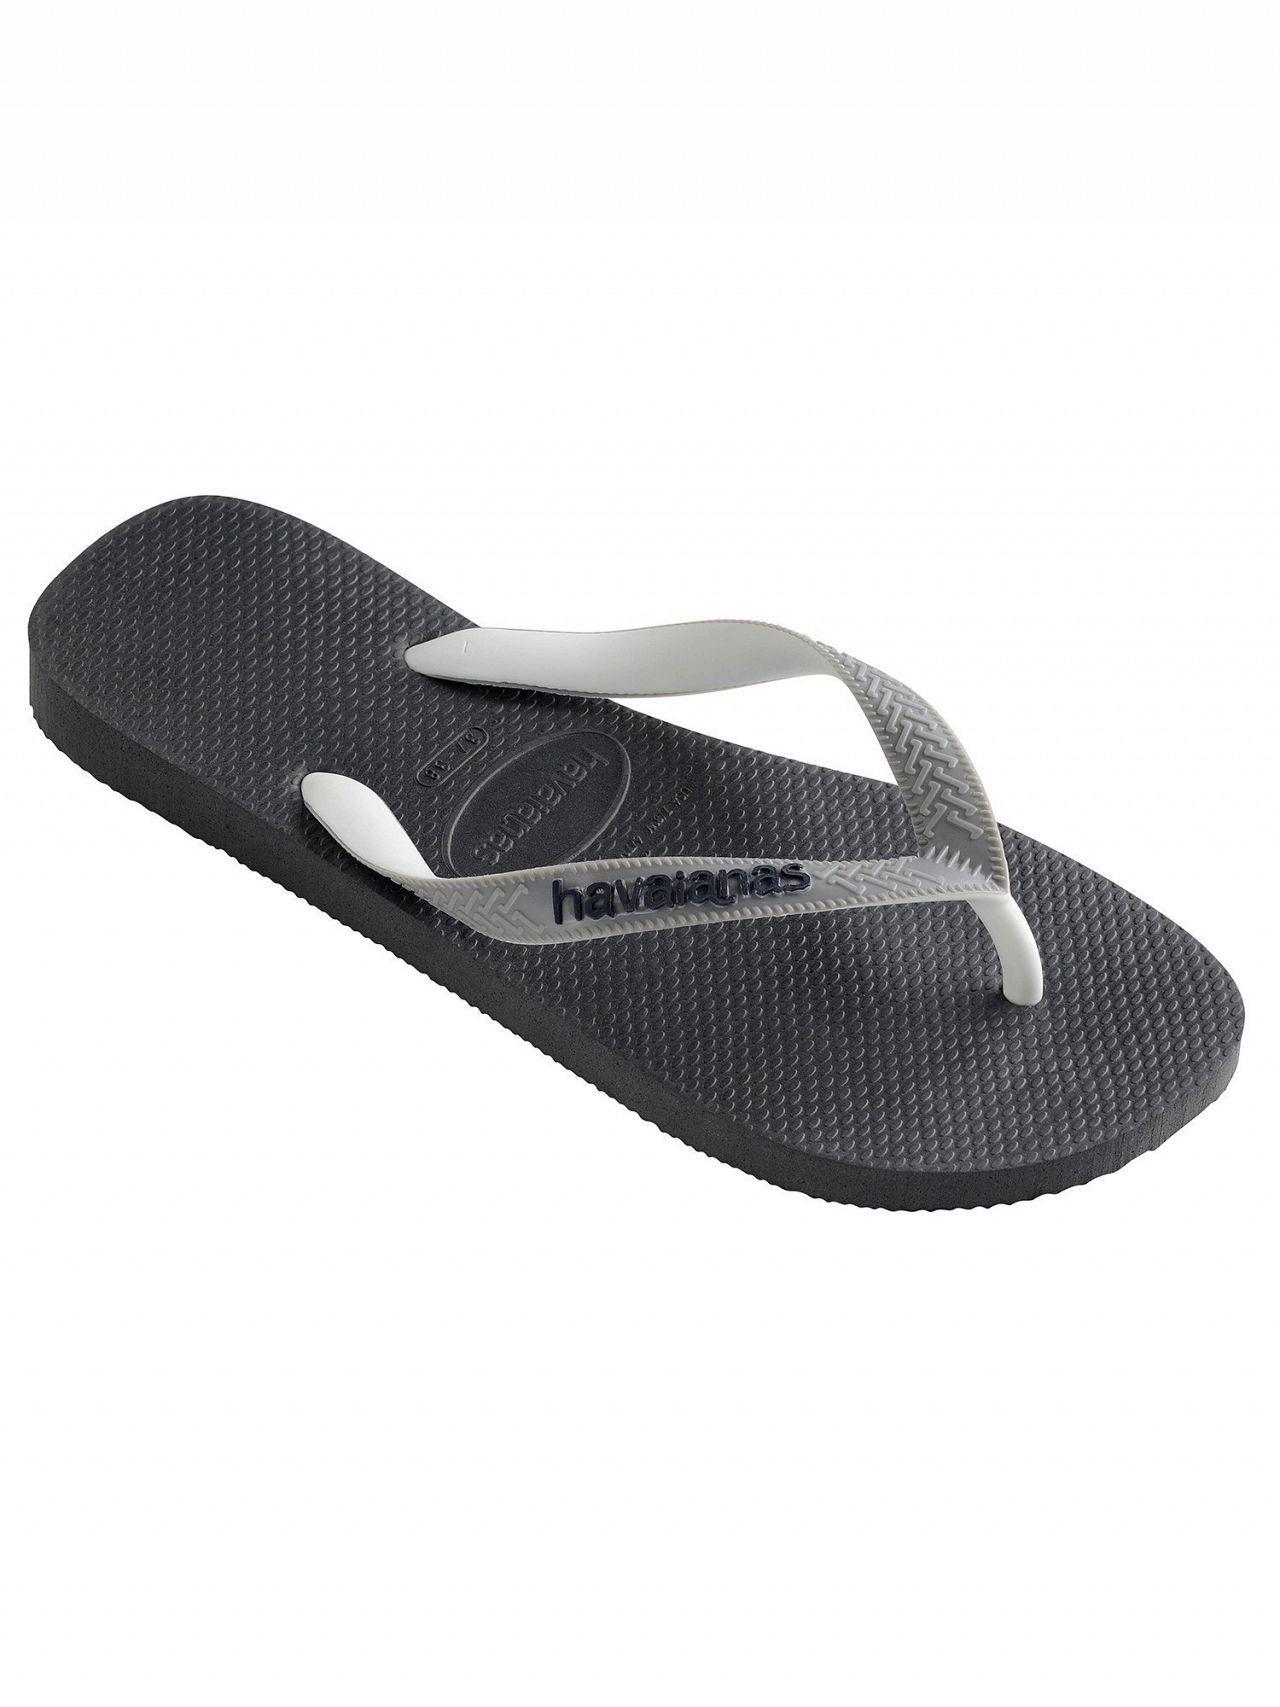 29c347d085d3f Havaianas Graphite Grey Top Mix Flip Flops in Gray for Men - Lyst